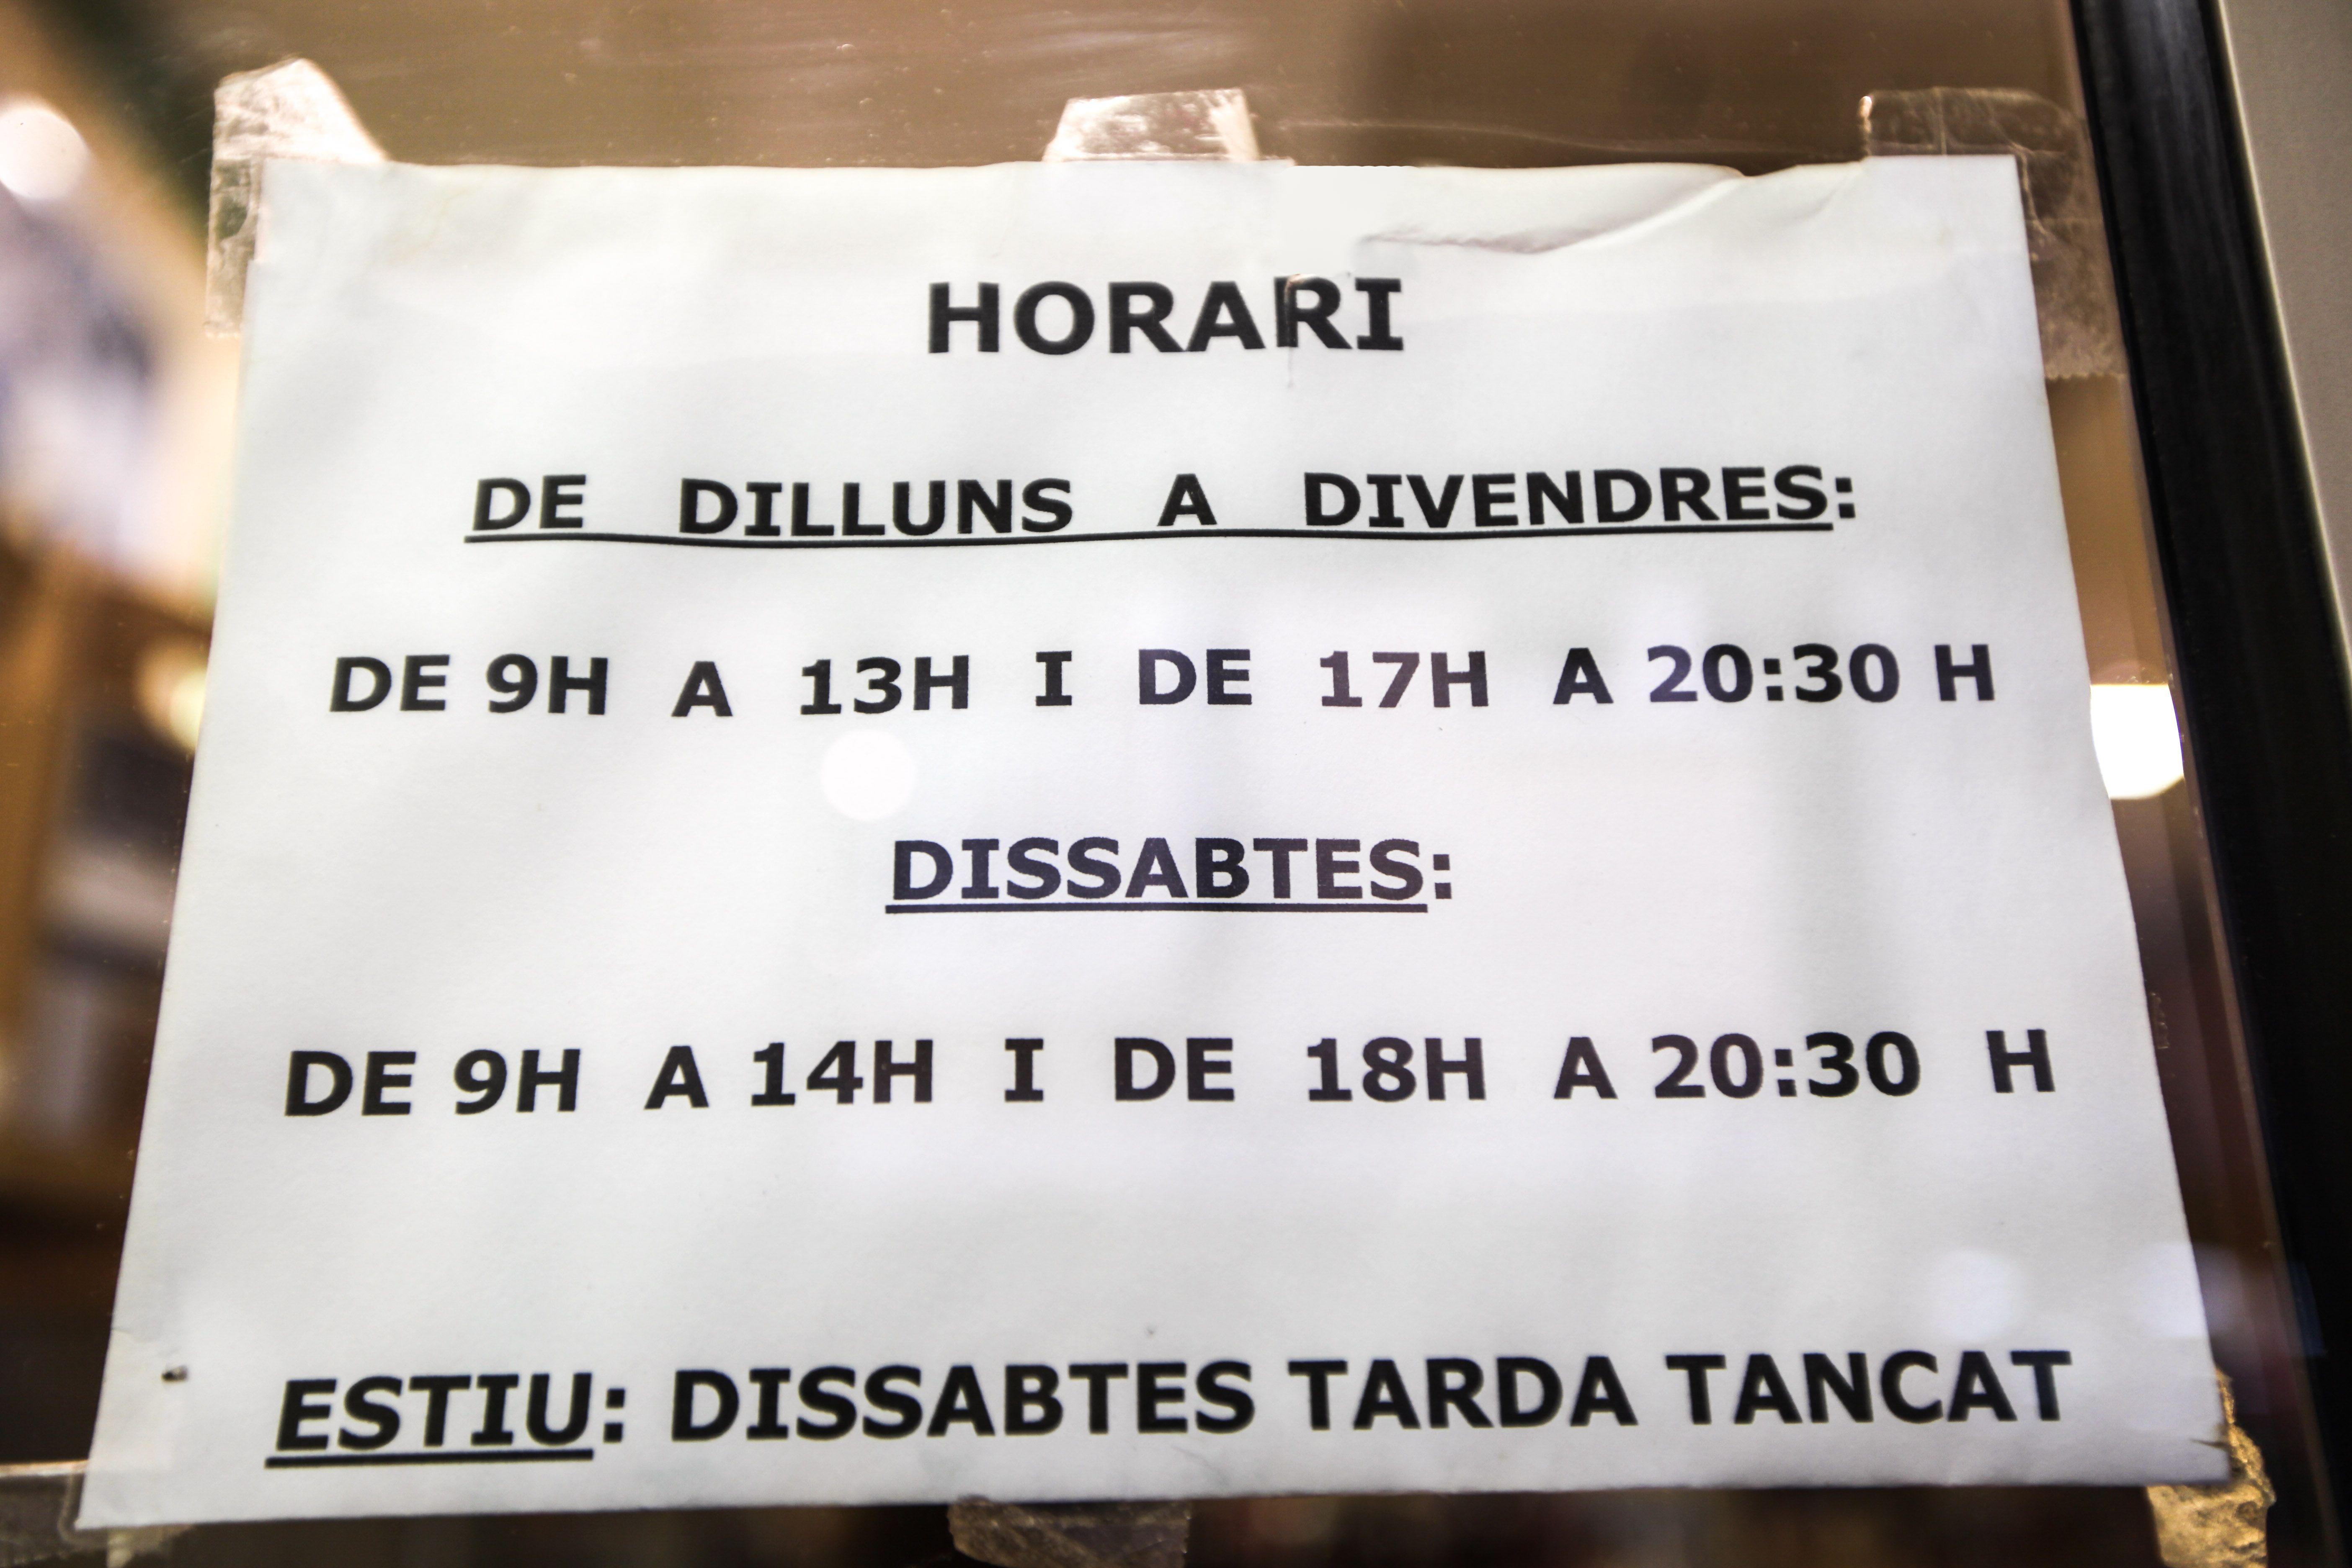 Foto 7 de Peluquería y estética (distribución) en Vilafranca del Penedès | Montse Domingo Distribucions